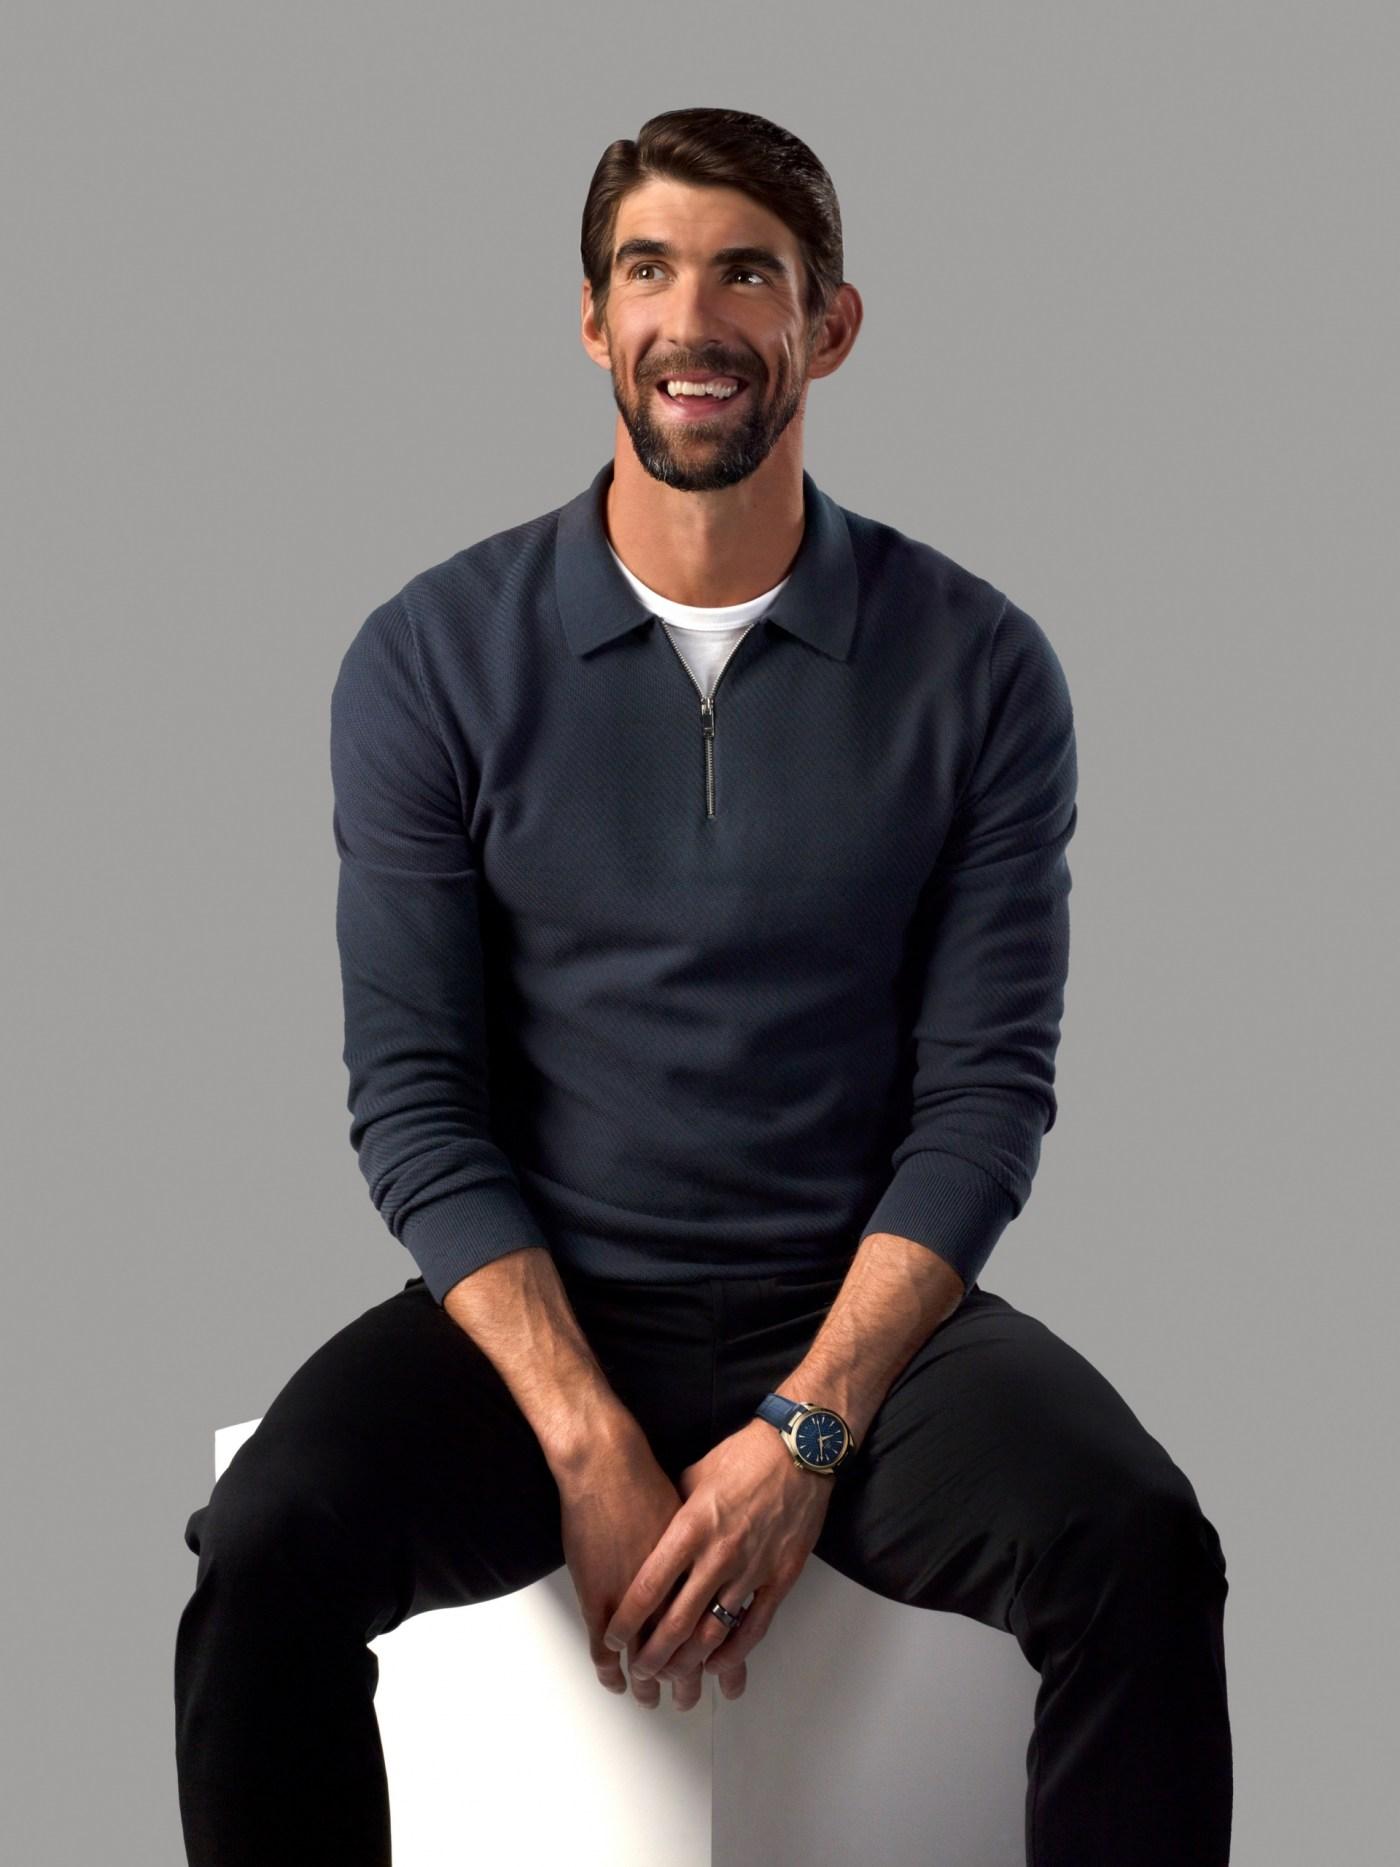 Michael Phelps wearing Seamaster Aqua Terra Tokyo 2020